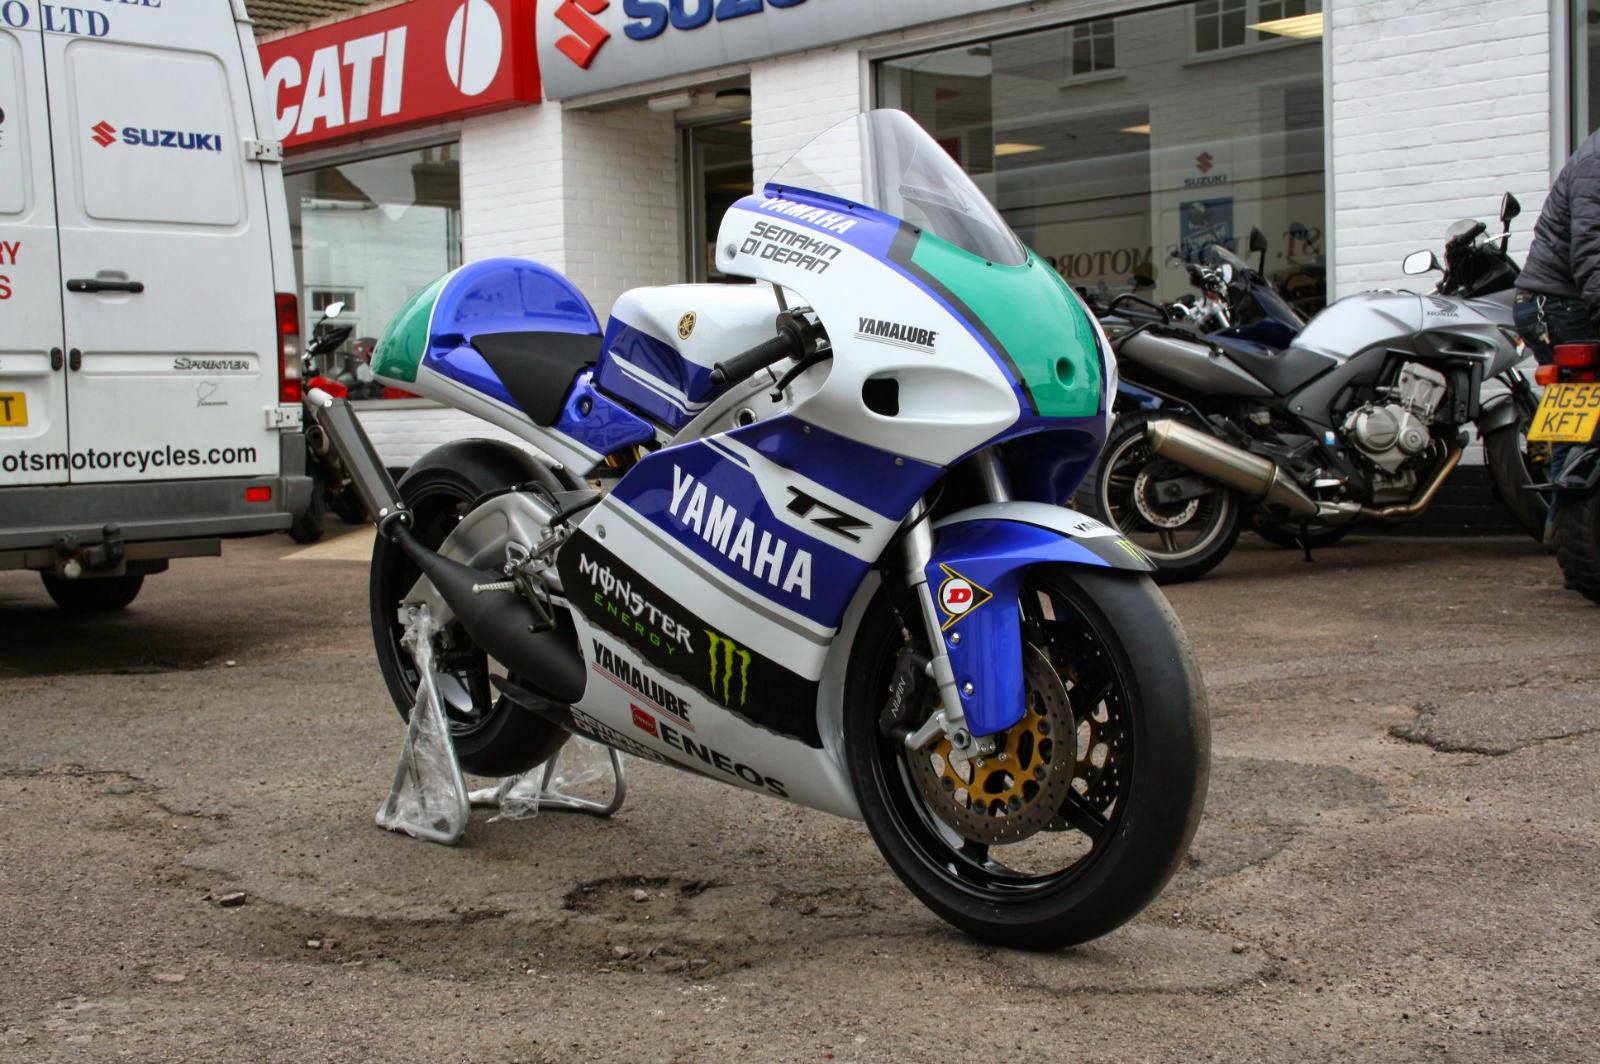 Se vende Yamaha TZ 250